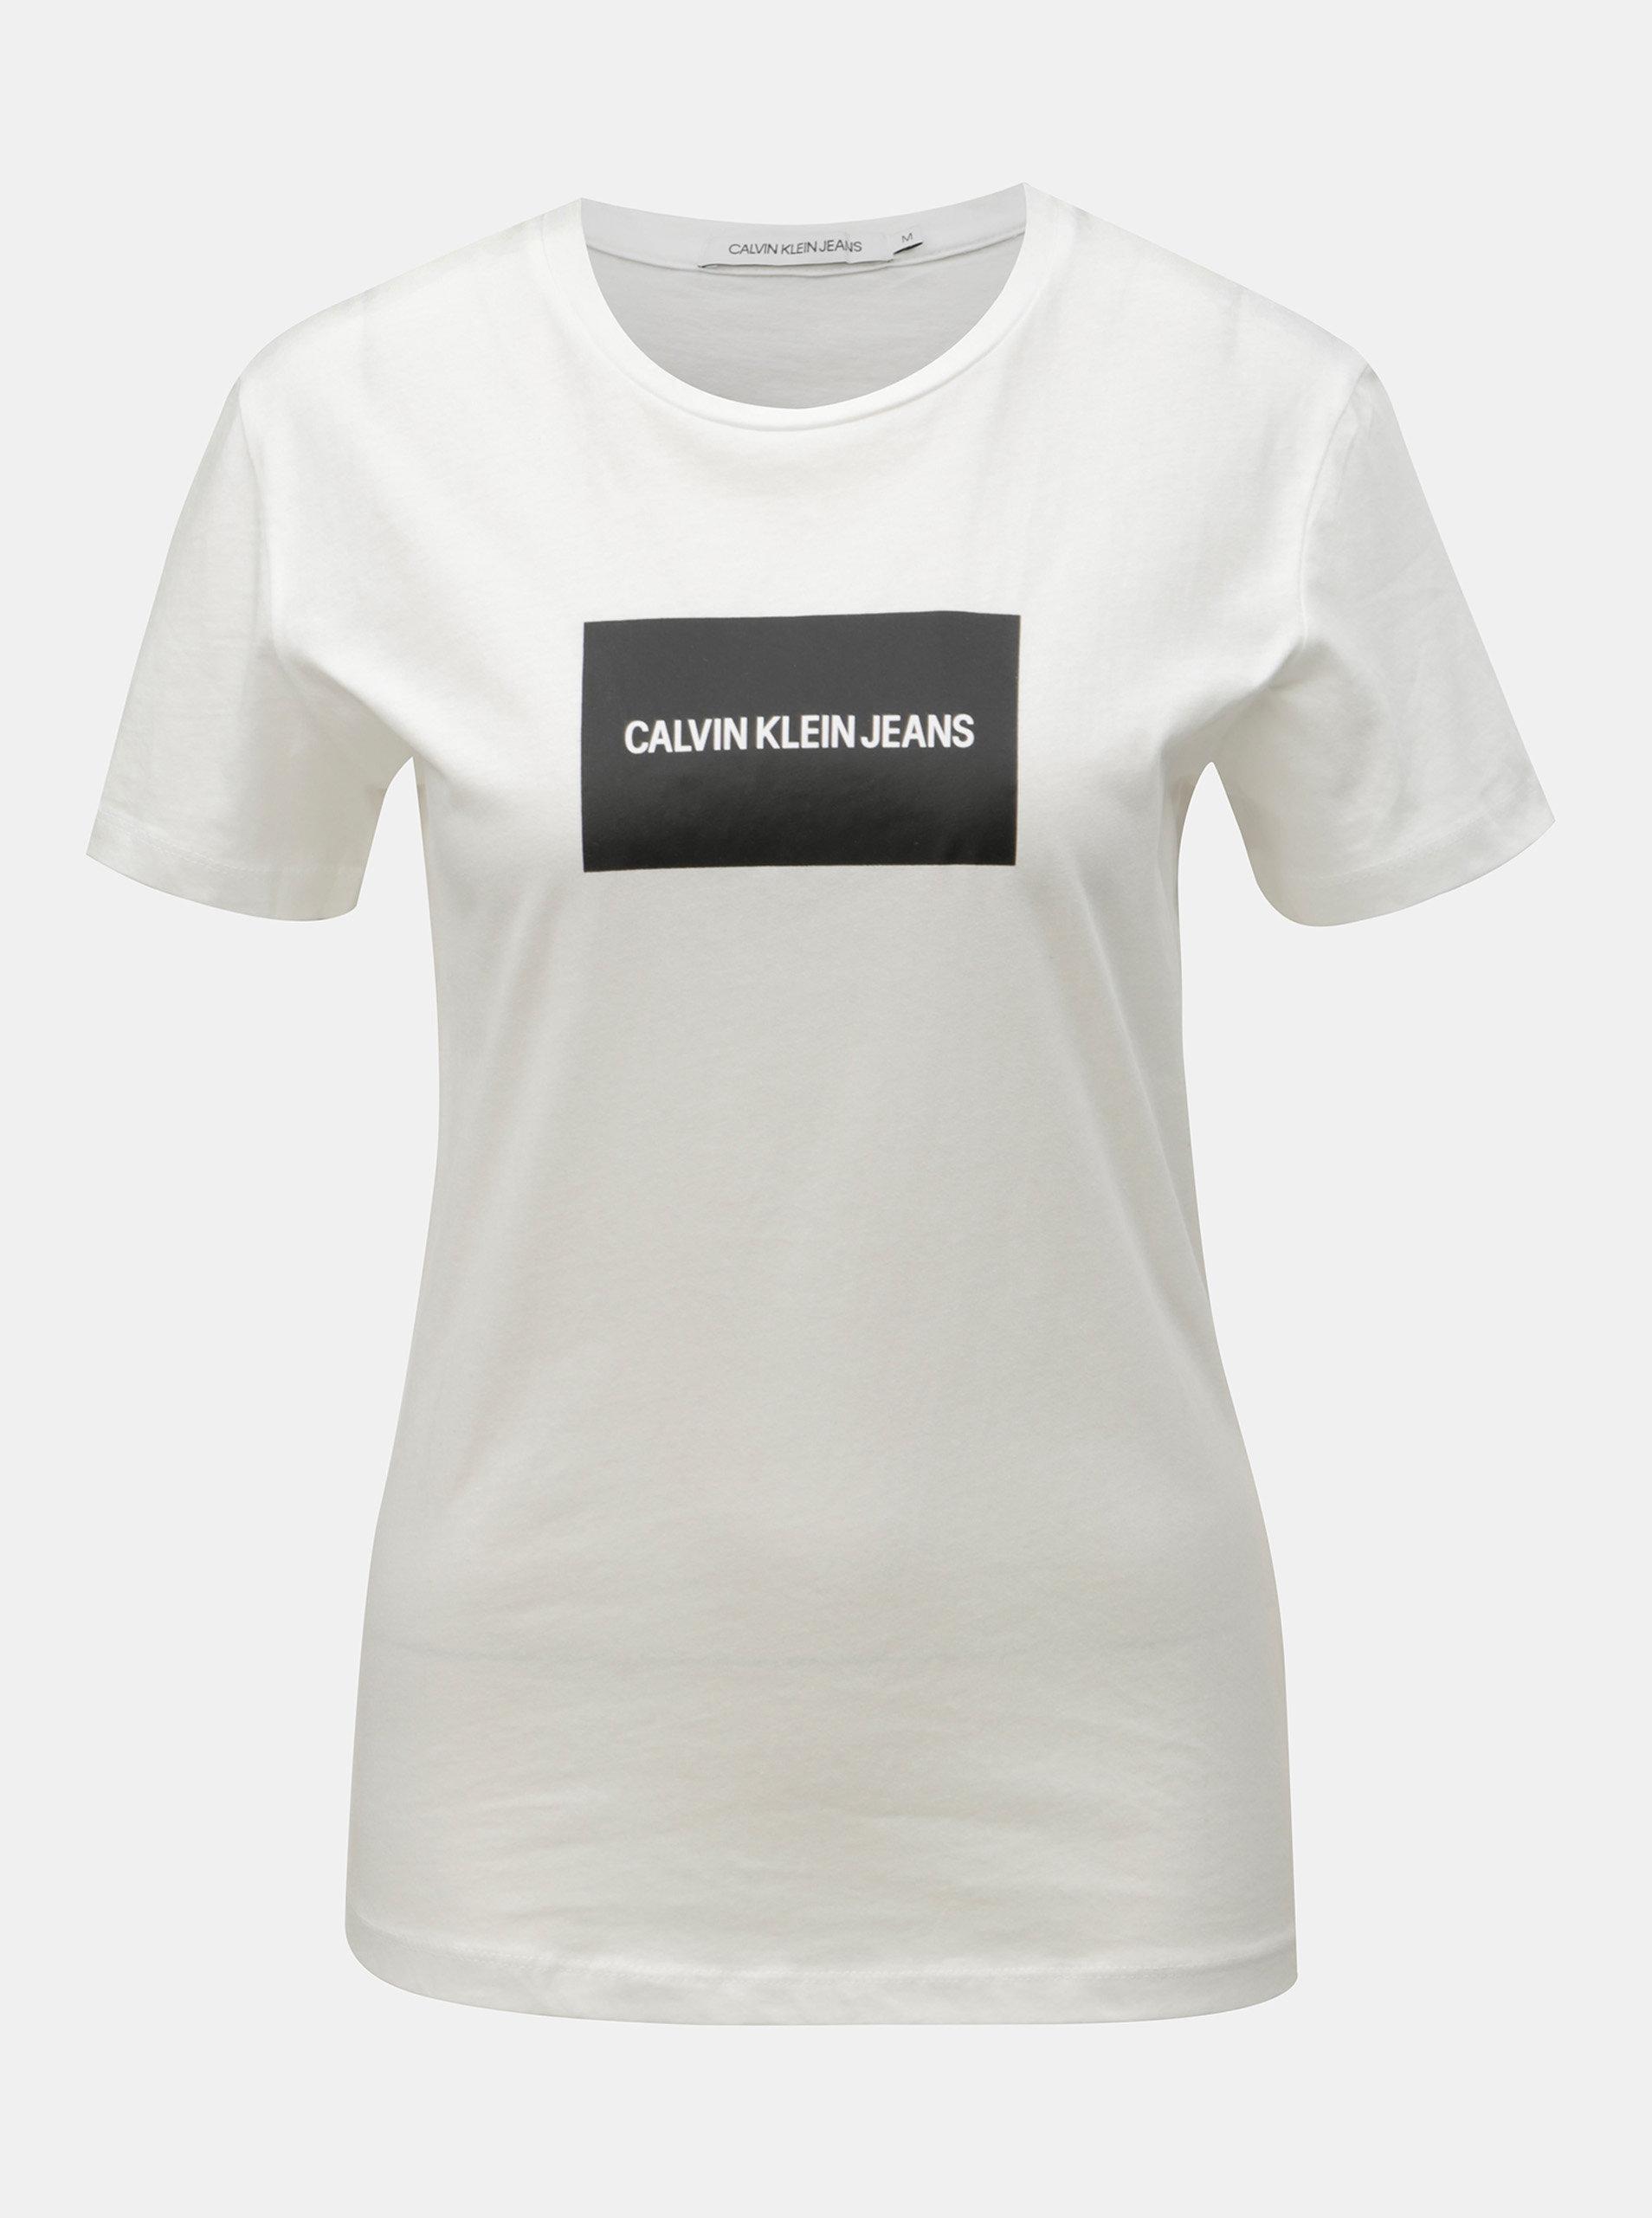 82daf469c Bílé dámské tričko s potiskem Calvin Klein Jeans | ZOOT.cz